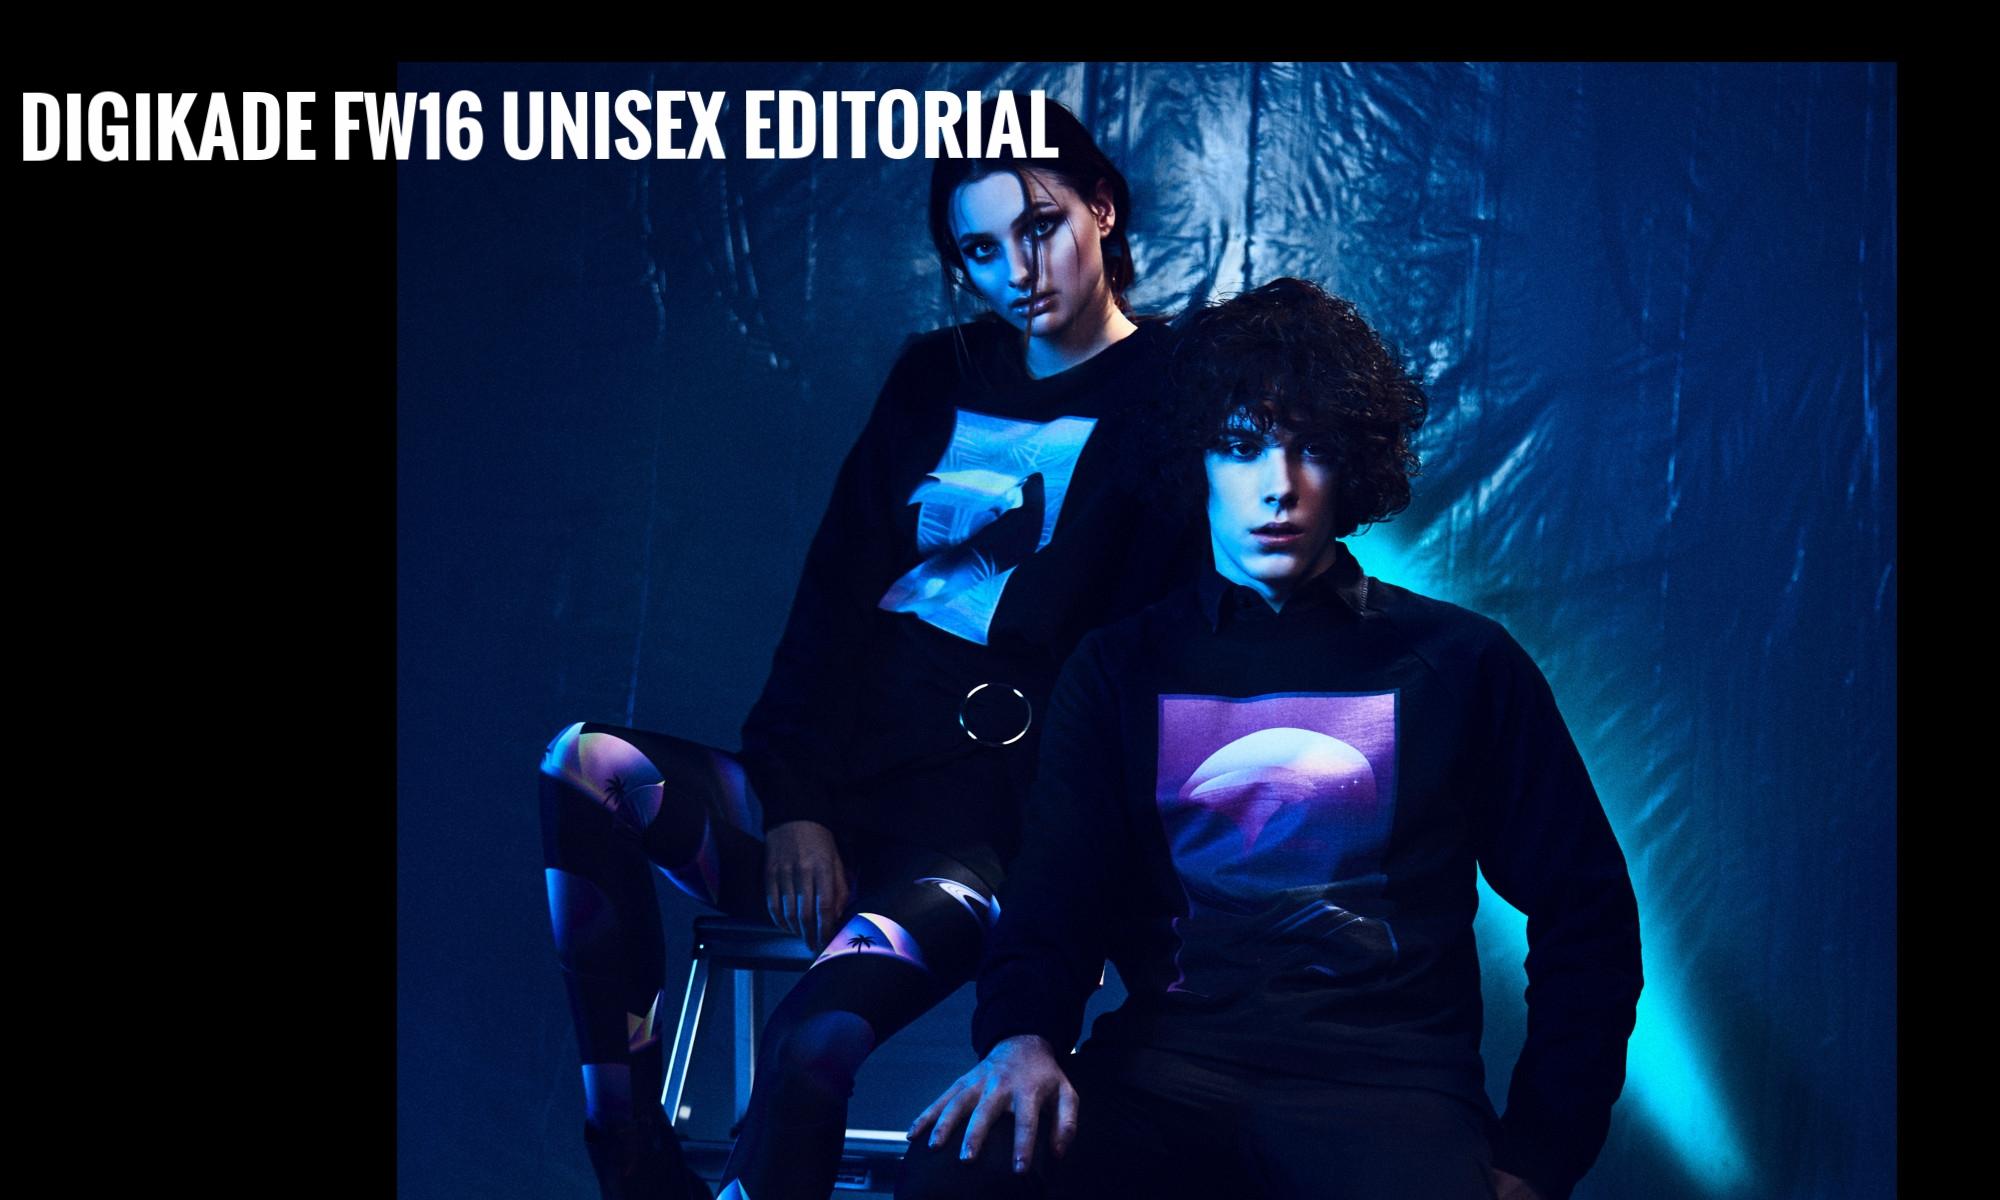 DIGIKADE FW16 UNISEX EDITORIAL